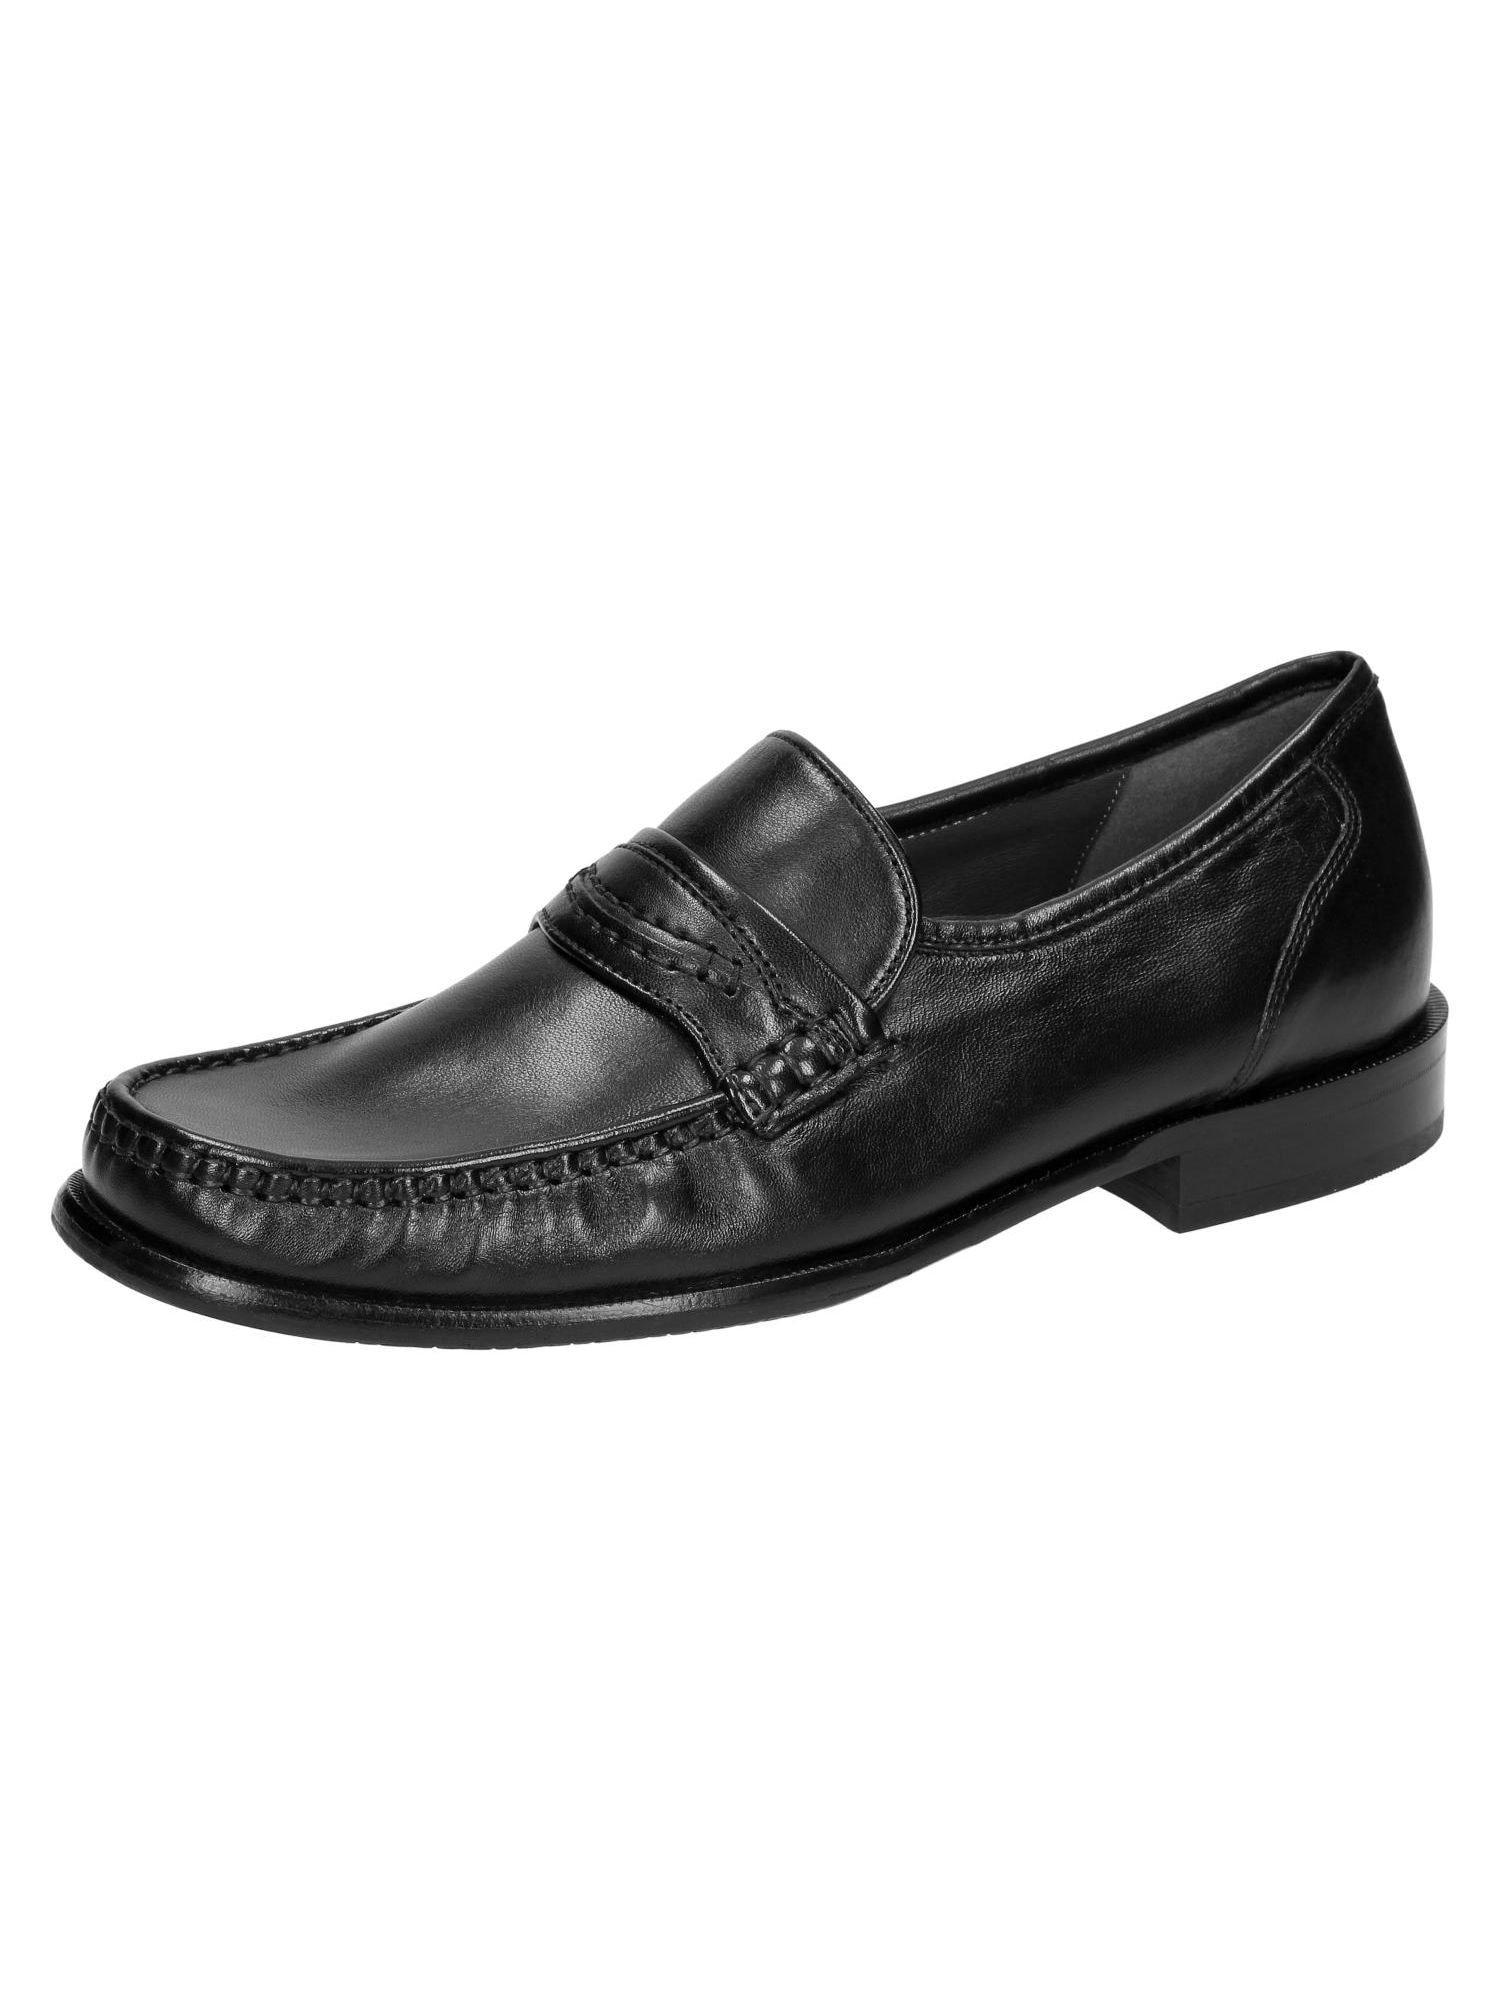 Mokassin 'Como' | Schuhe > Mokassins | Sioux